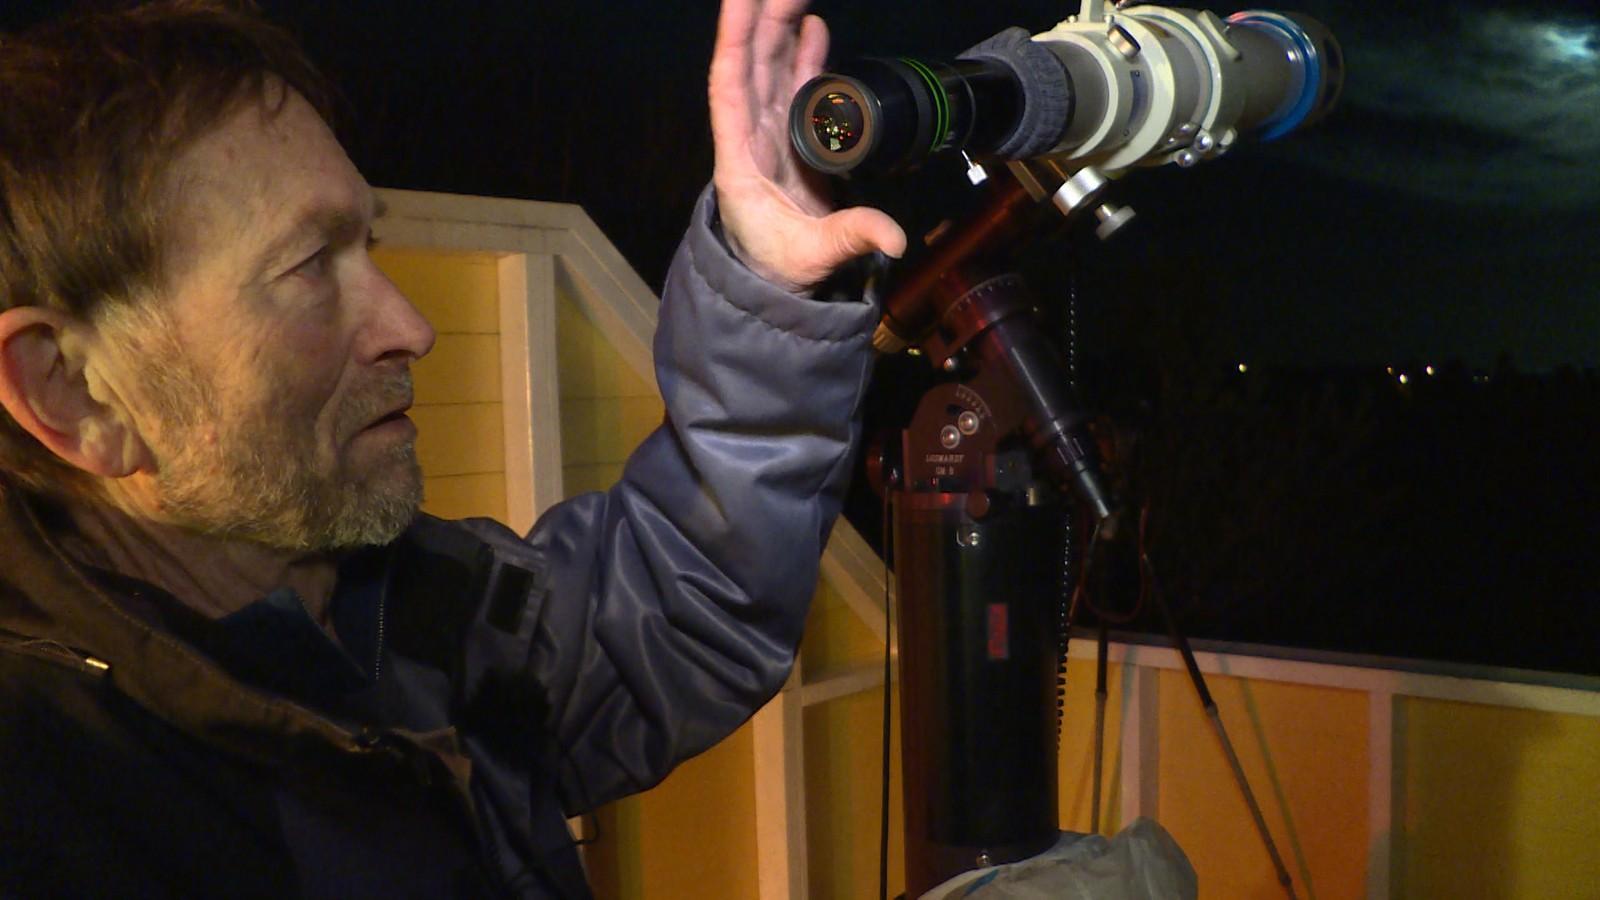 Lewis med teleskopet, klar for å se på månen.